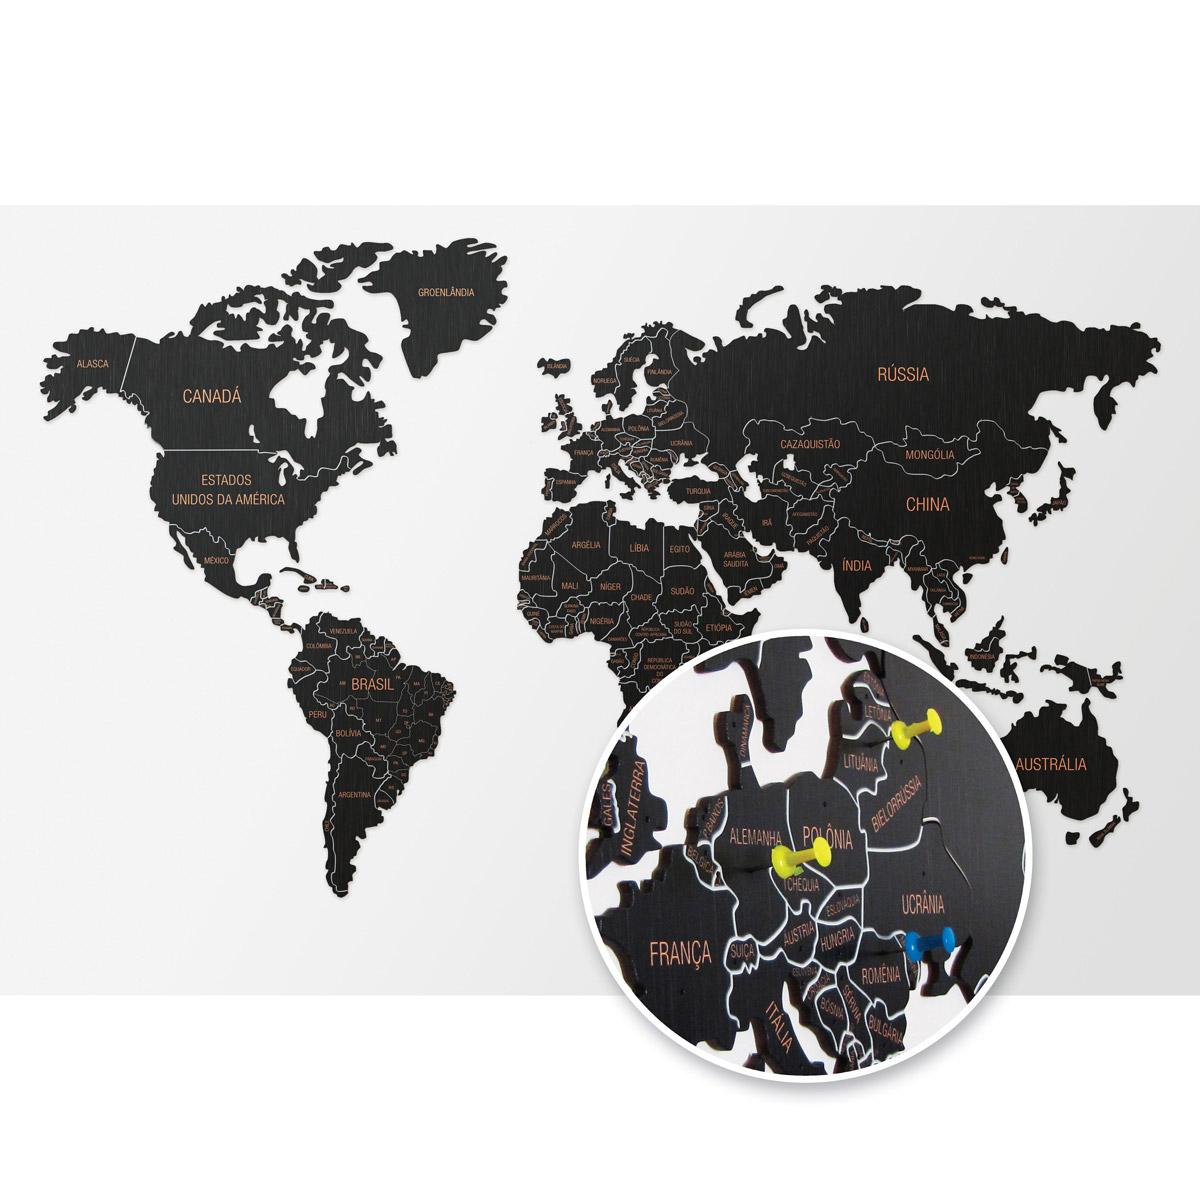 Mapa-múndi De Madeira Mdf - Mapa De Viagens - Com Pins